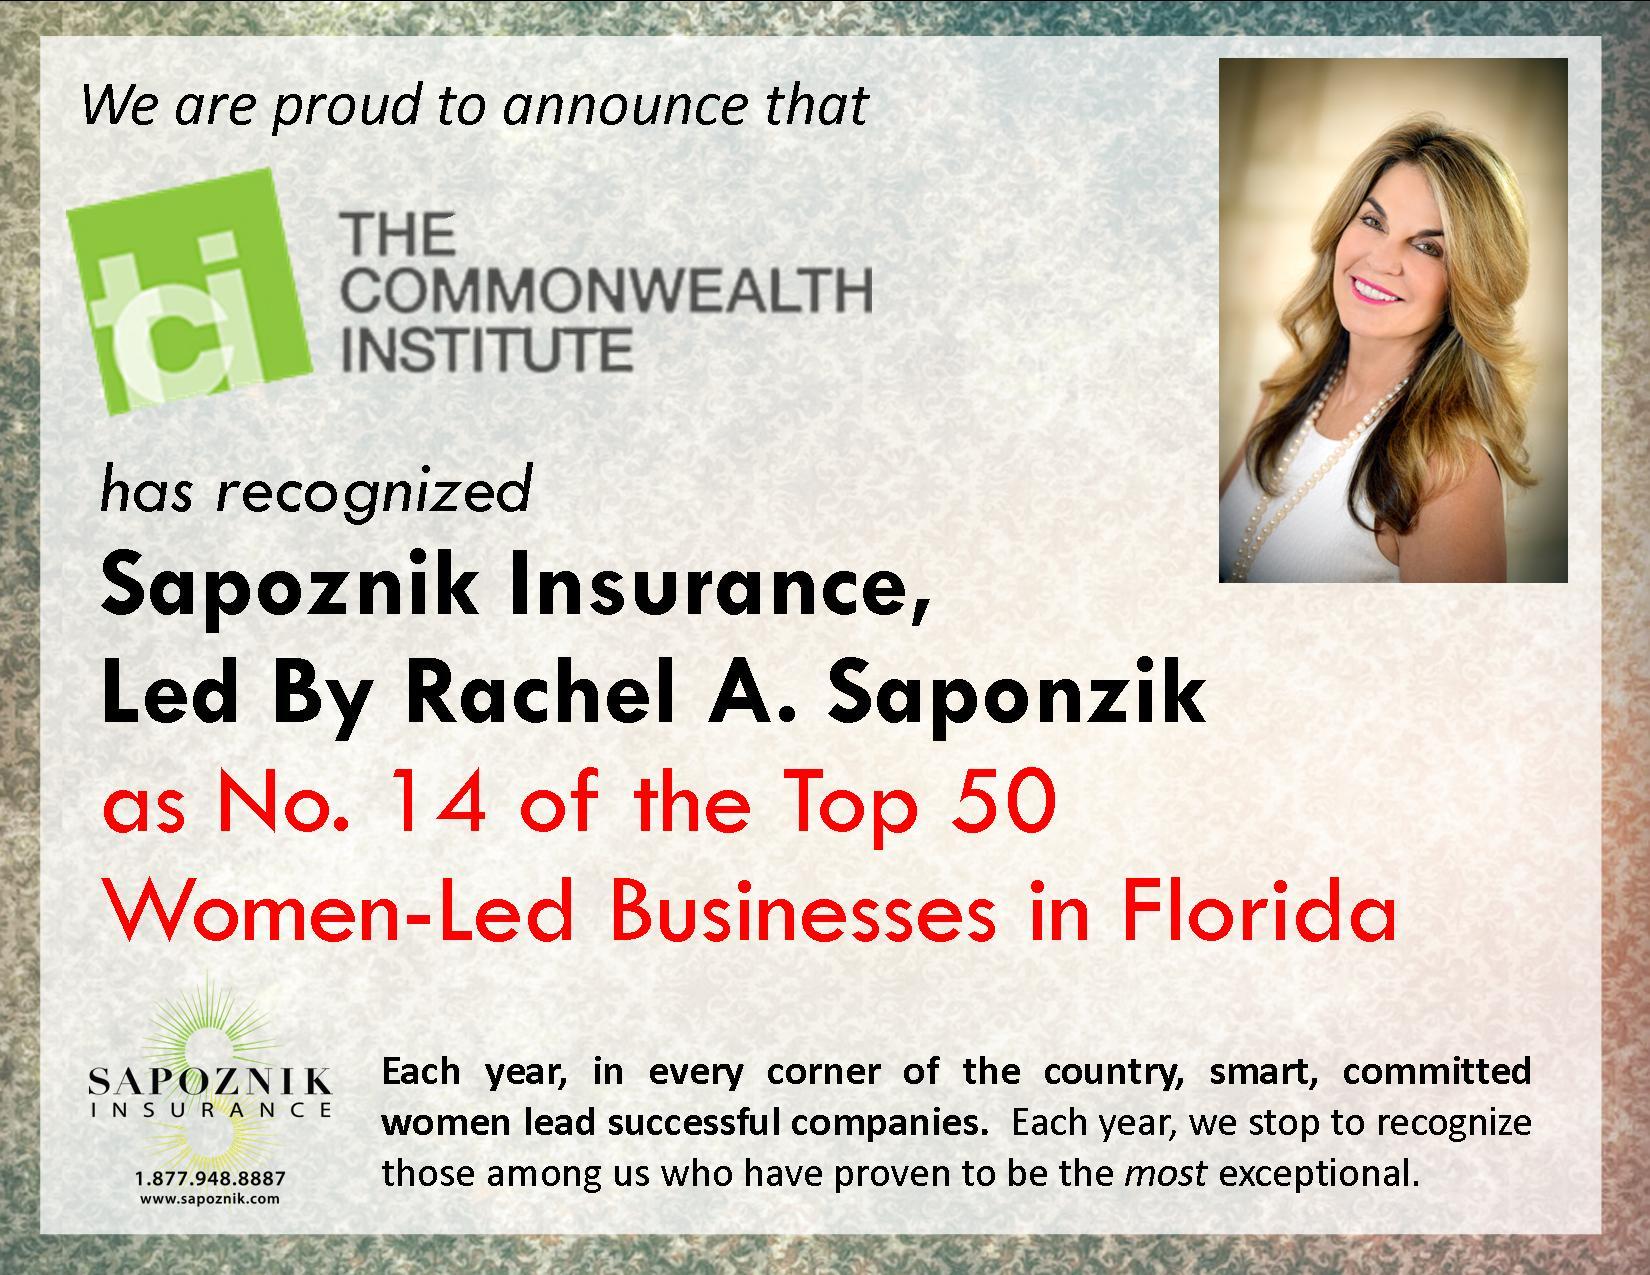 Sapoznik Insurance North Miami Beach